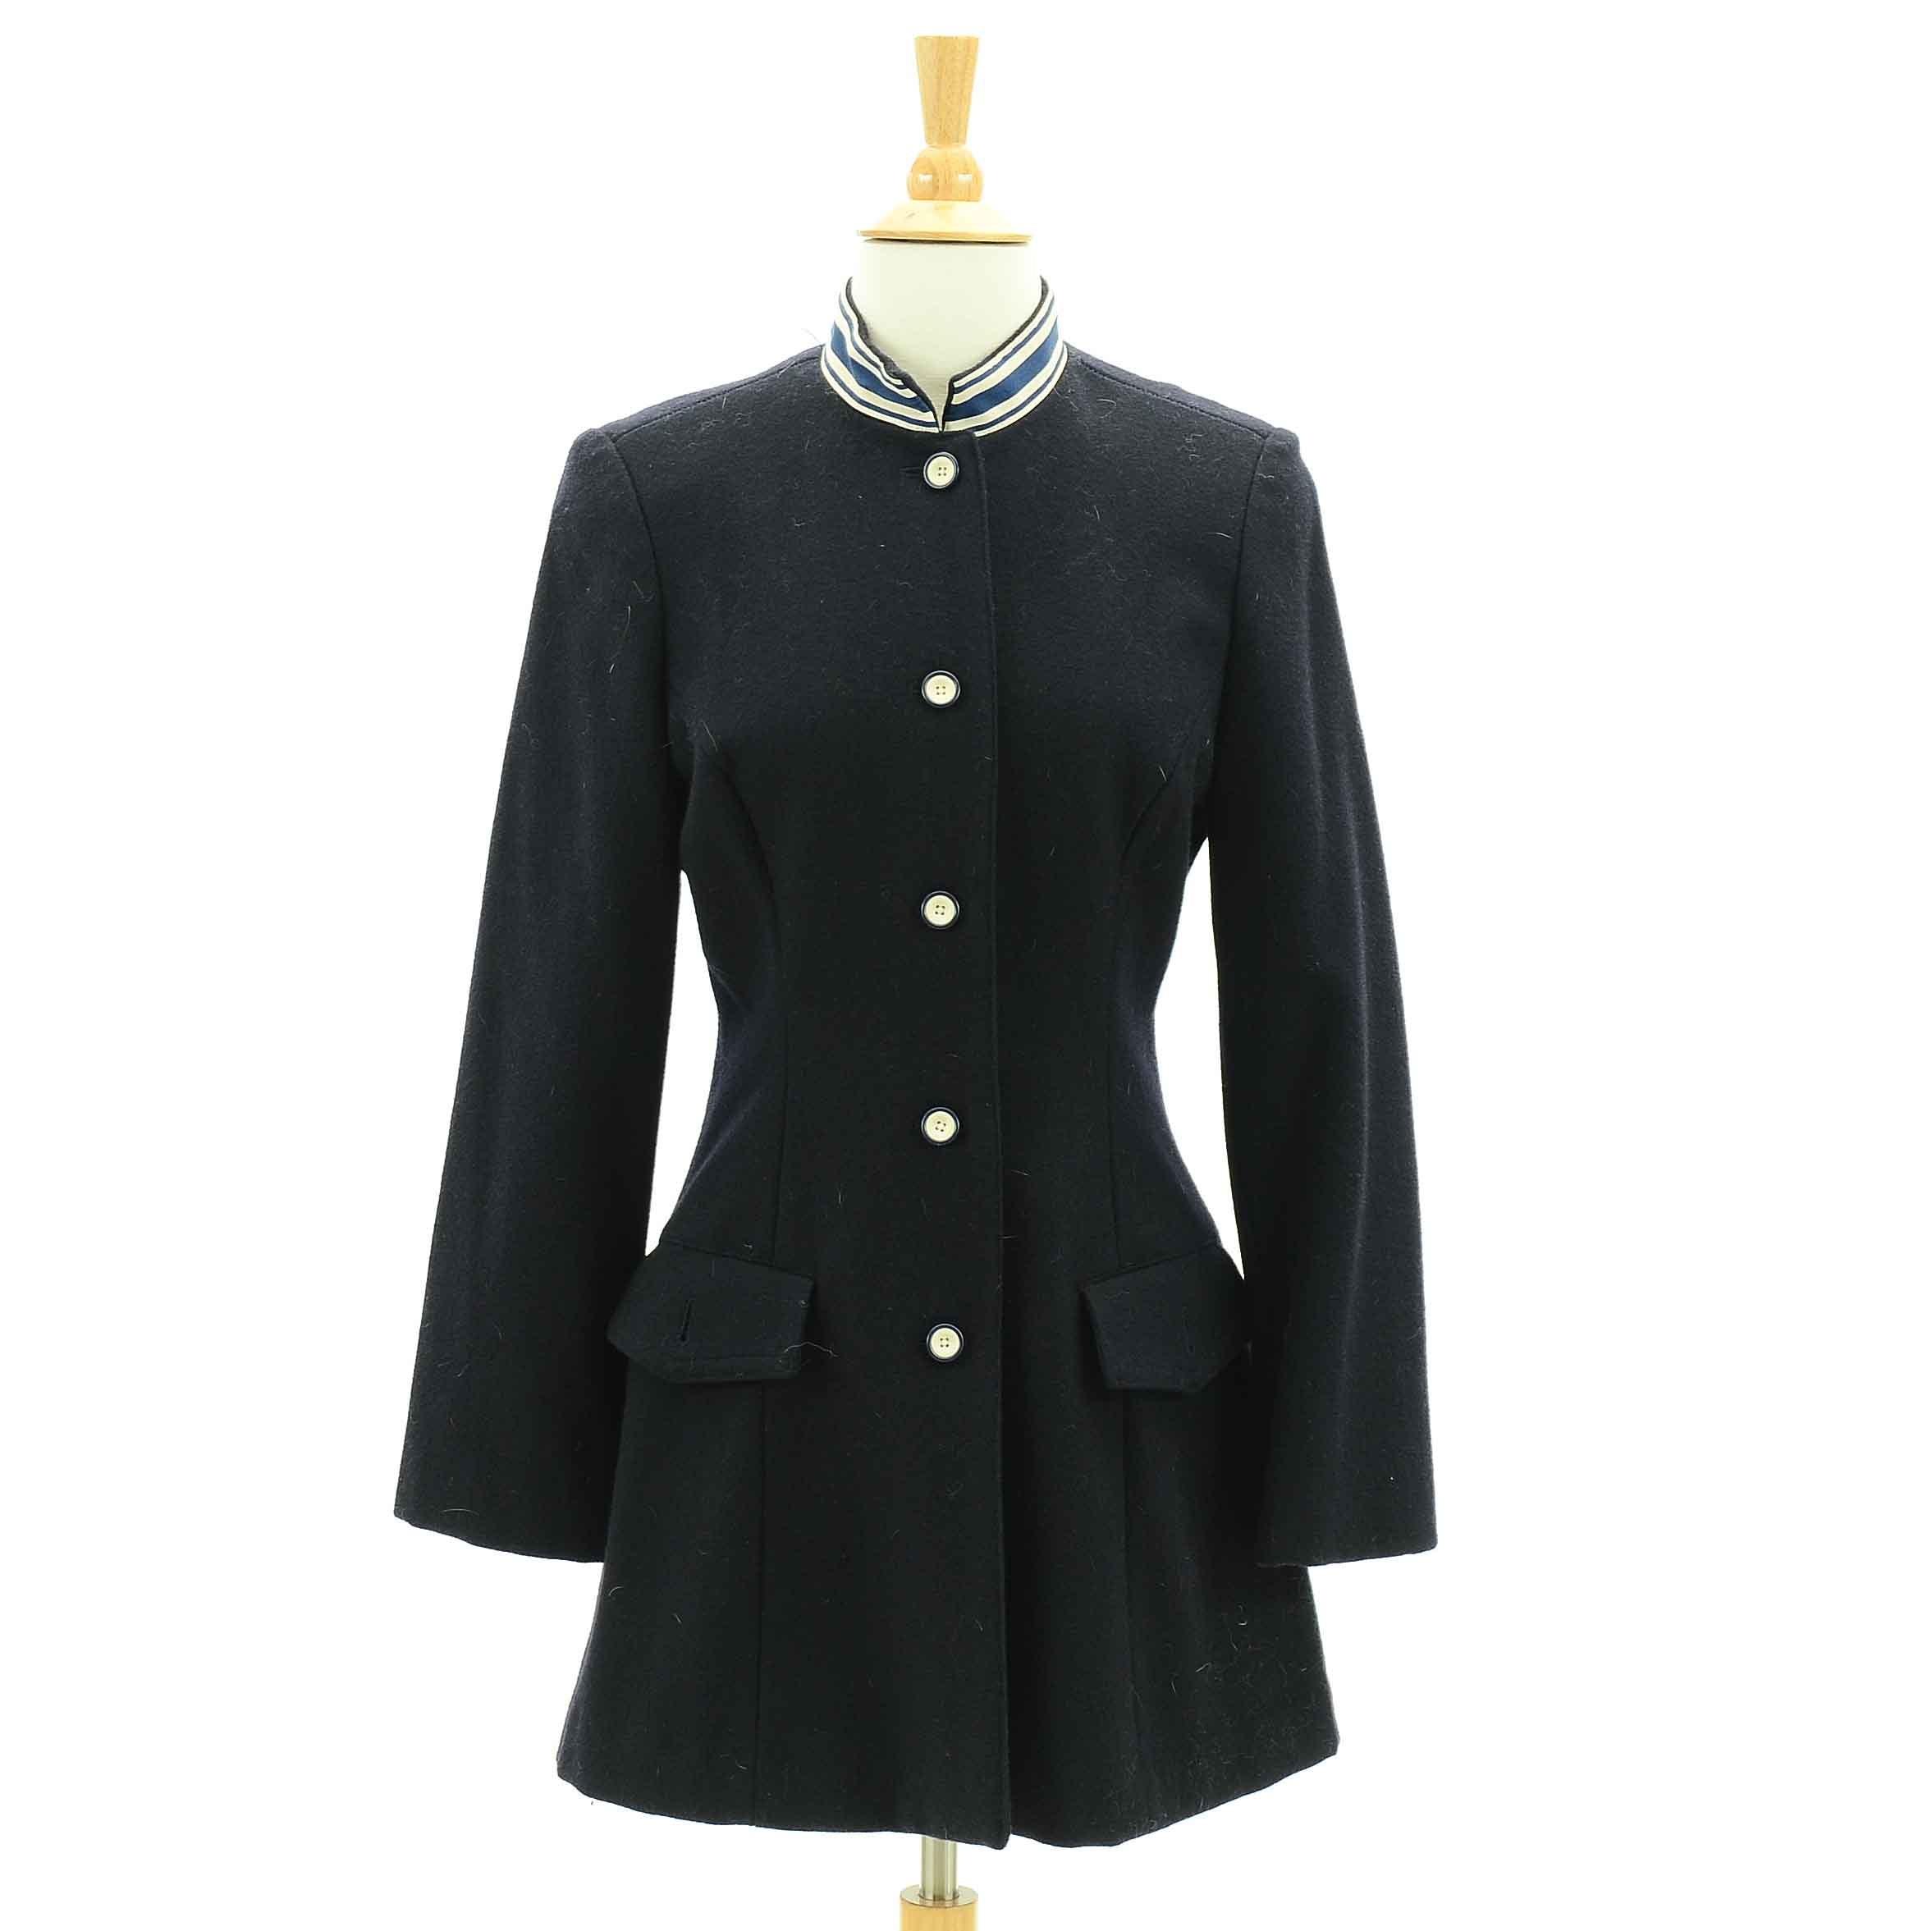 Vintage Armani Wool Jacket